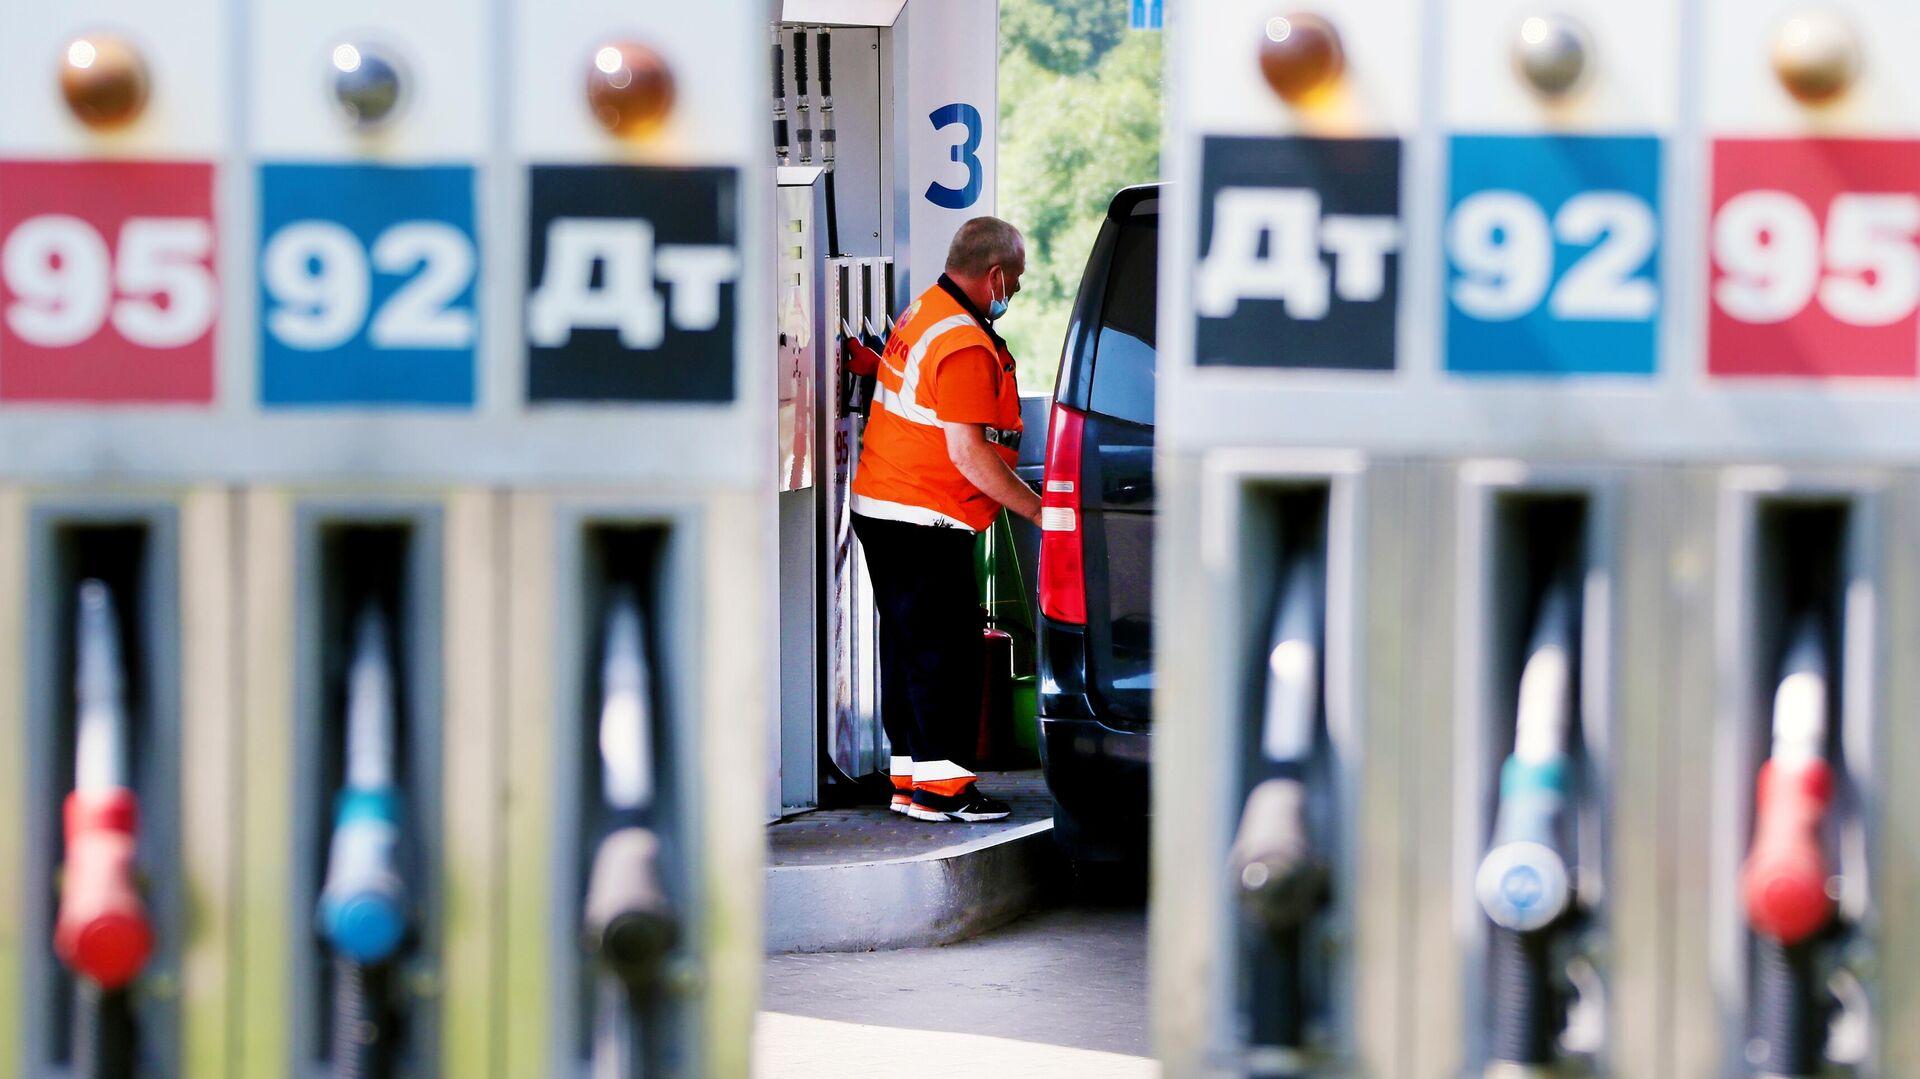 Сотрудник заправляет автомобиль на одной из автозаправочных станций Газпромнефть в Москве - РИА Новости, 1920, 31.12.2020